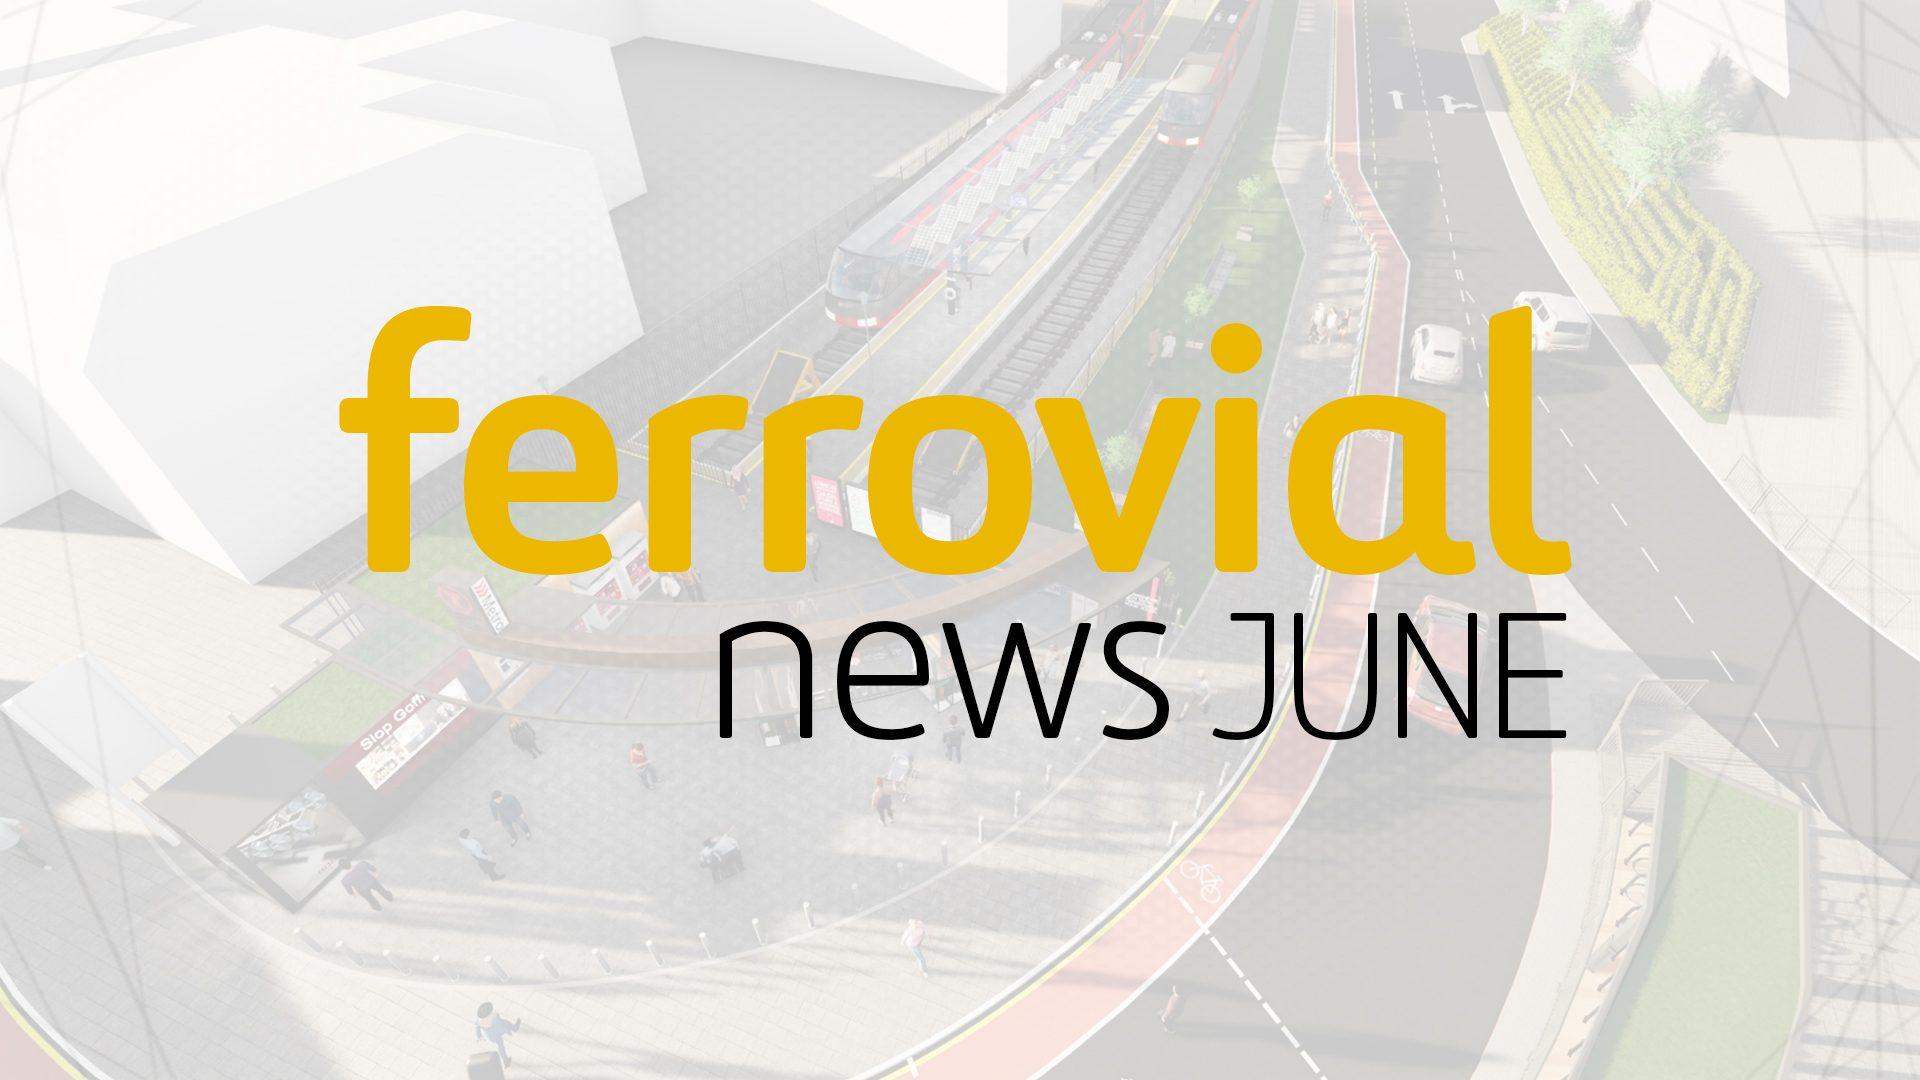 Ferrovial News June 2018